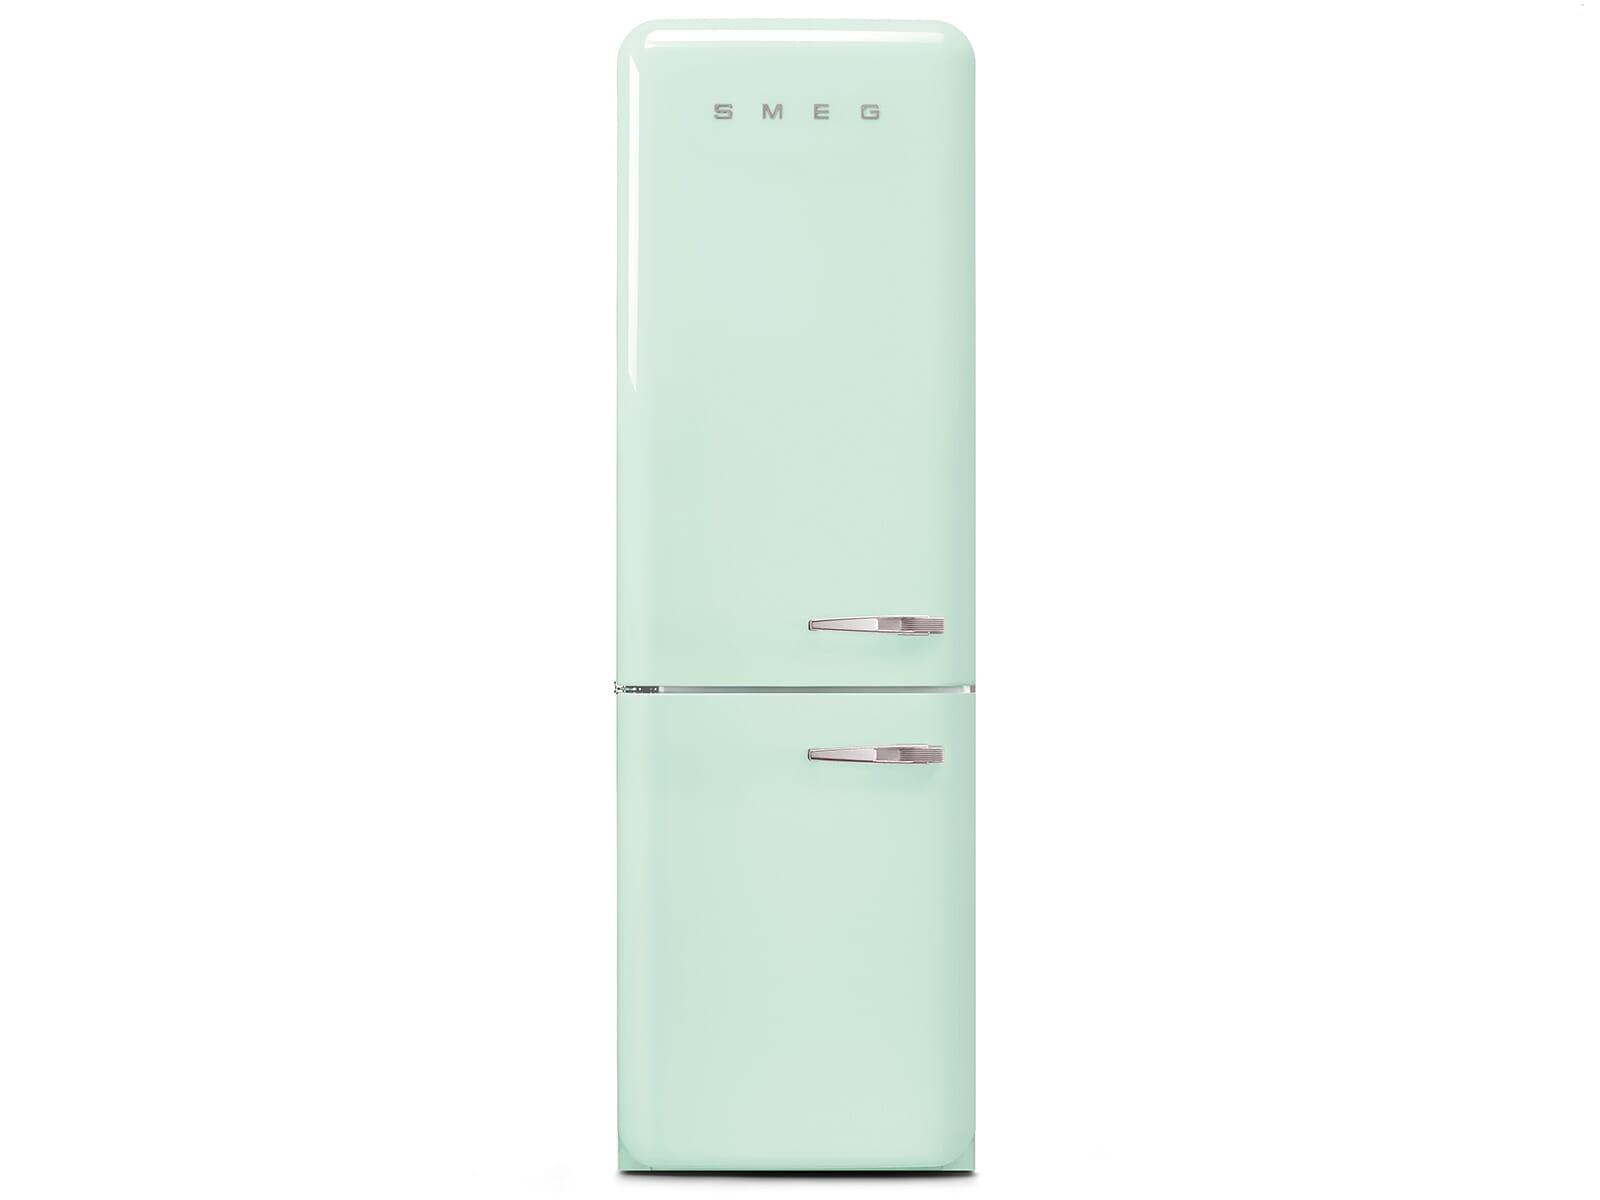 Smeg Kühlschrank 50 Cm Breit : Smeg fab lpg kühl gefrierkombination pastellgrün